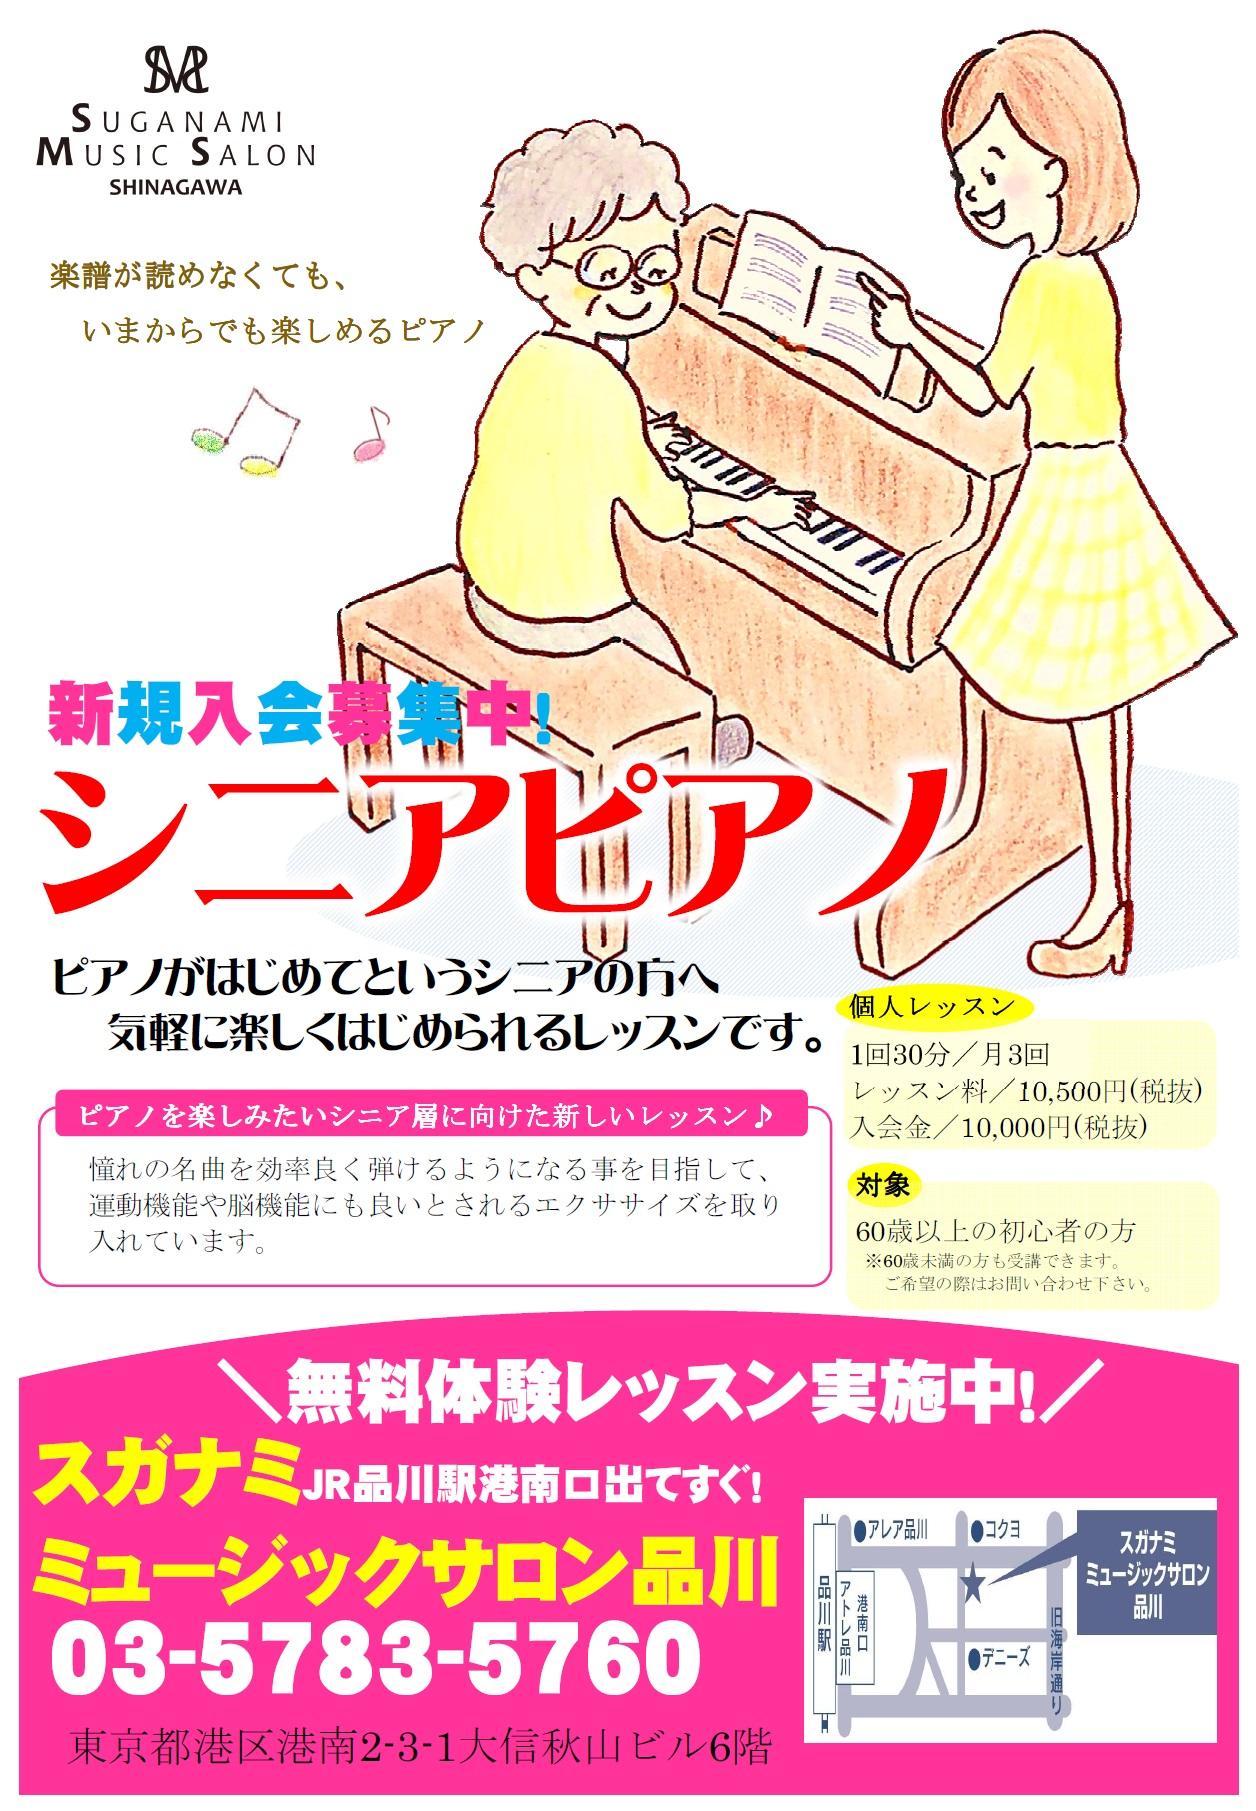 楽譜が読めなくても、いまからでも楽しめるピアノ。新規入会募集中、シニアエイジのためのシニアピアノ。ピアノがはじめてというご年配の方へ、気軽にはじめられるレッスンです。ピアノを楽しみたいシニア層に向けた新しいレッスンだから、はじめてでも安心。憧れの名曲を効率よく弾けるようになる事を目指して、運動機能や脳機能にも良いとされるエクササイズを取り入れています。個人レッスン1回30分、月3回。レッスン料金10,500円税別、入会金10,000円税別。対象、60歳以上の初心者の方。60歳未満の方も受講できます。ご希望の際はお問合せください。